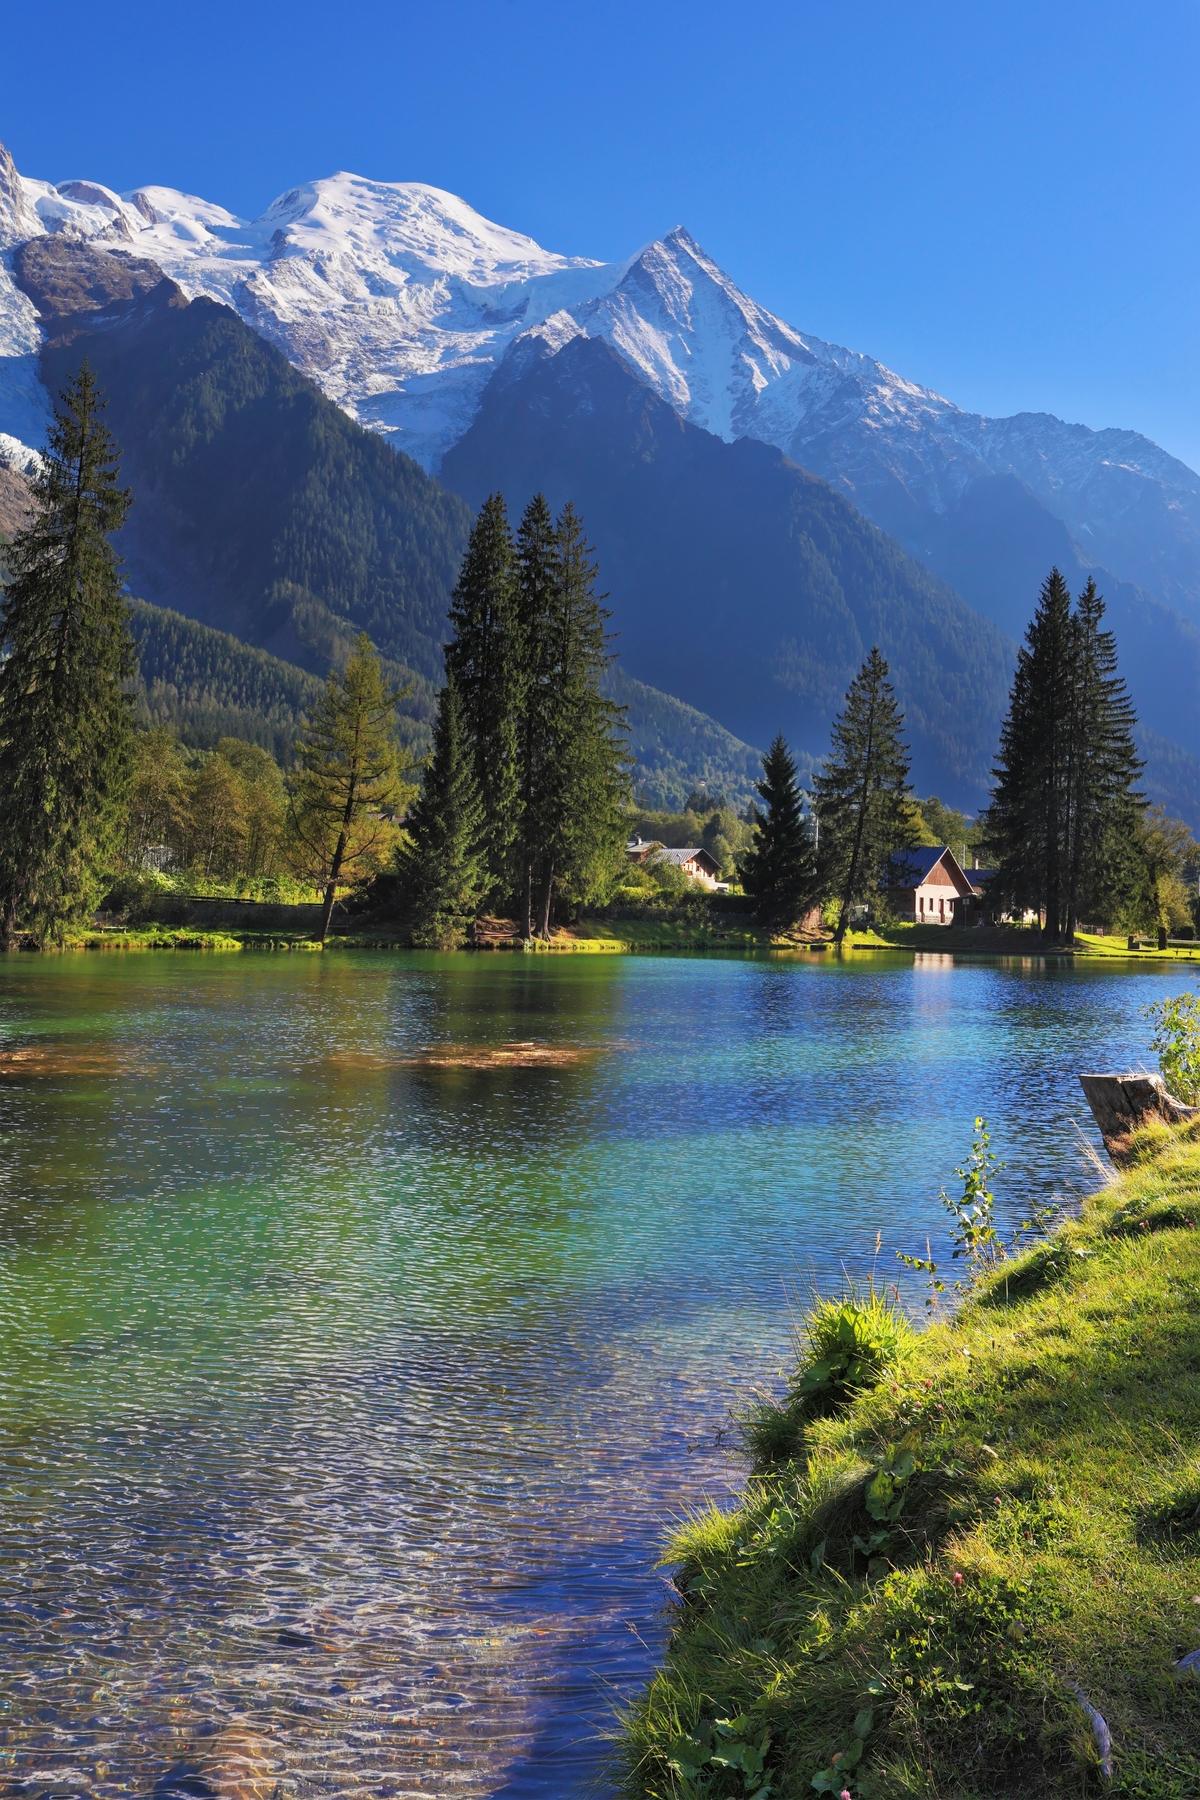 Die schönsten Orte in den Französischen Alpen: Chamonix, Haute-Savoie